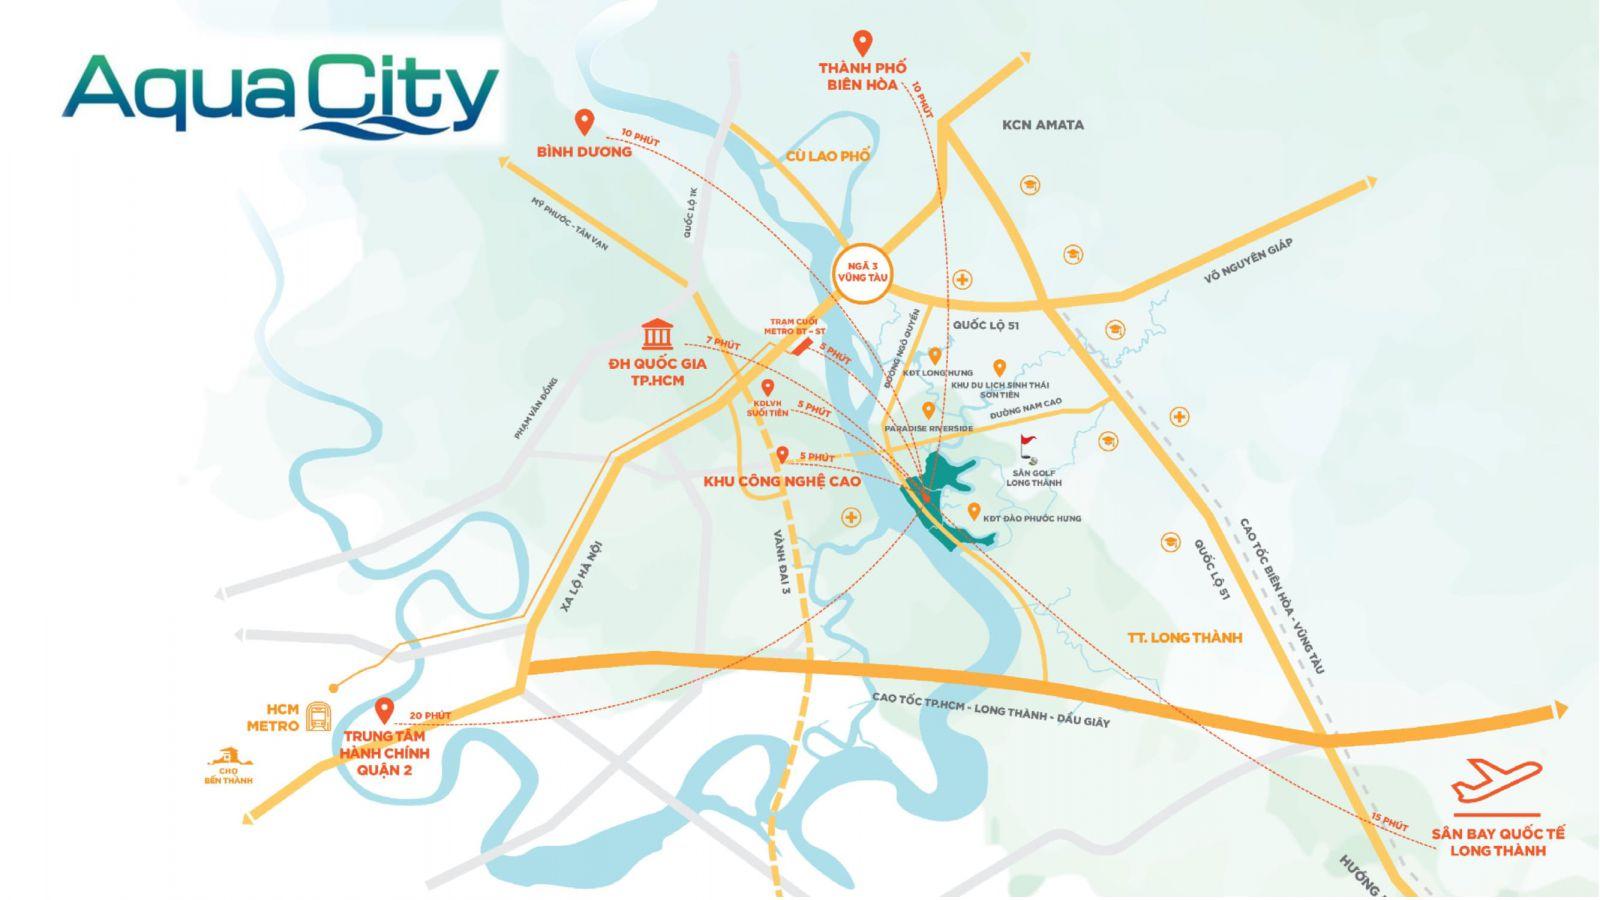 THE GRAND VILLAS AQUA CITY